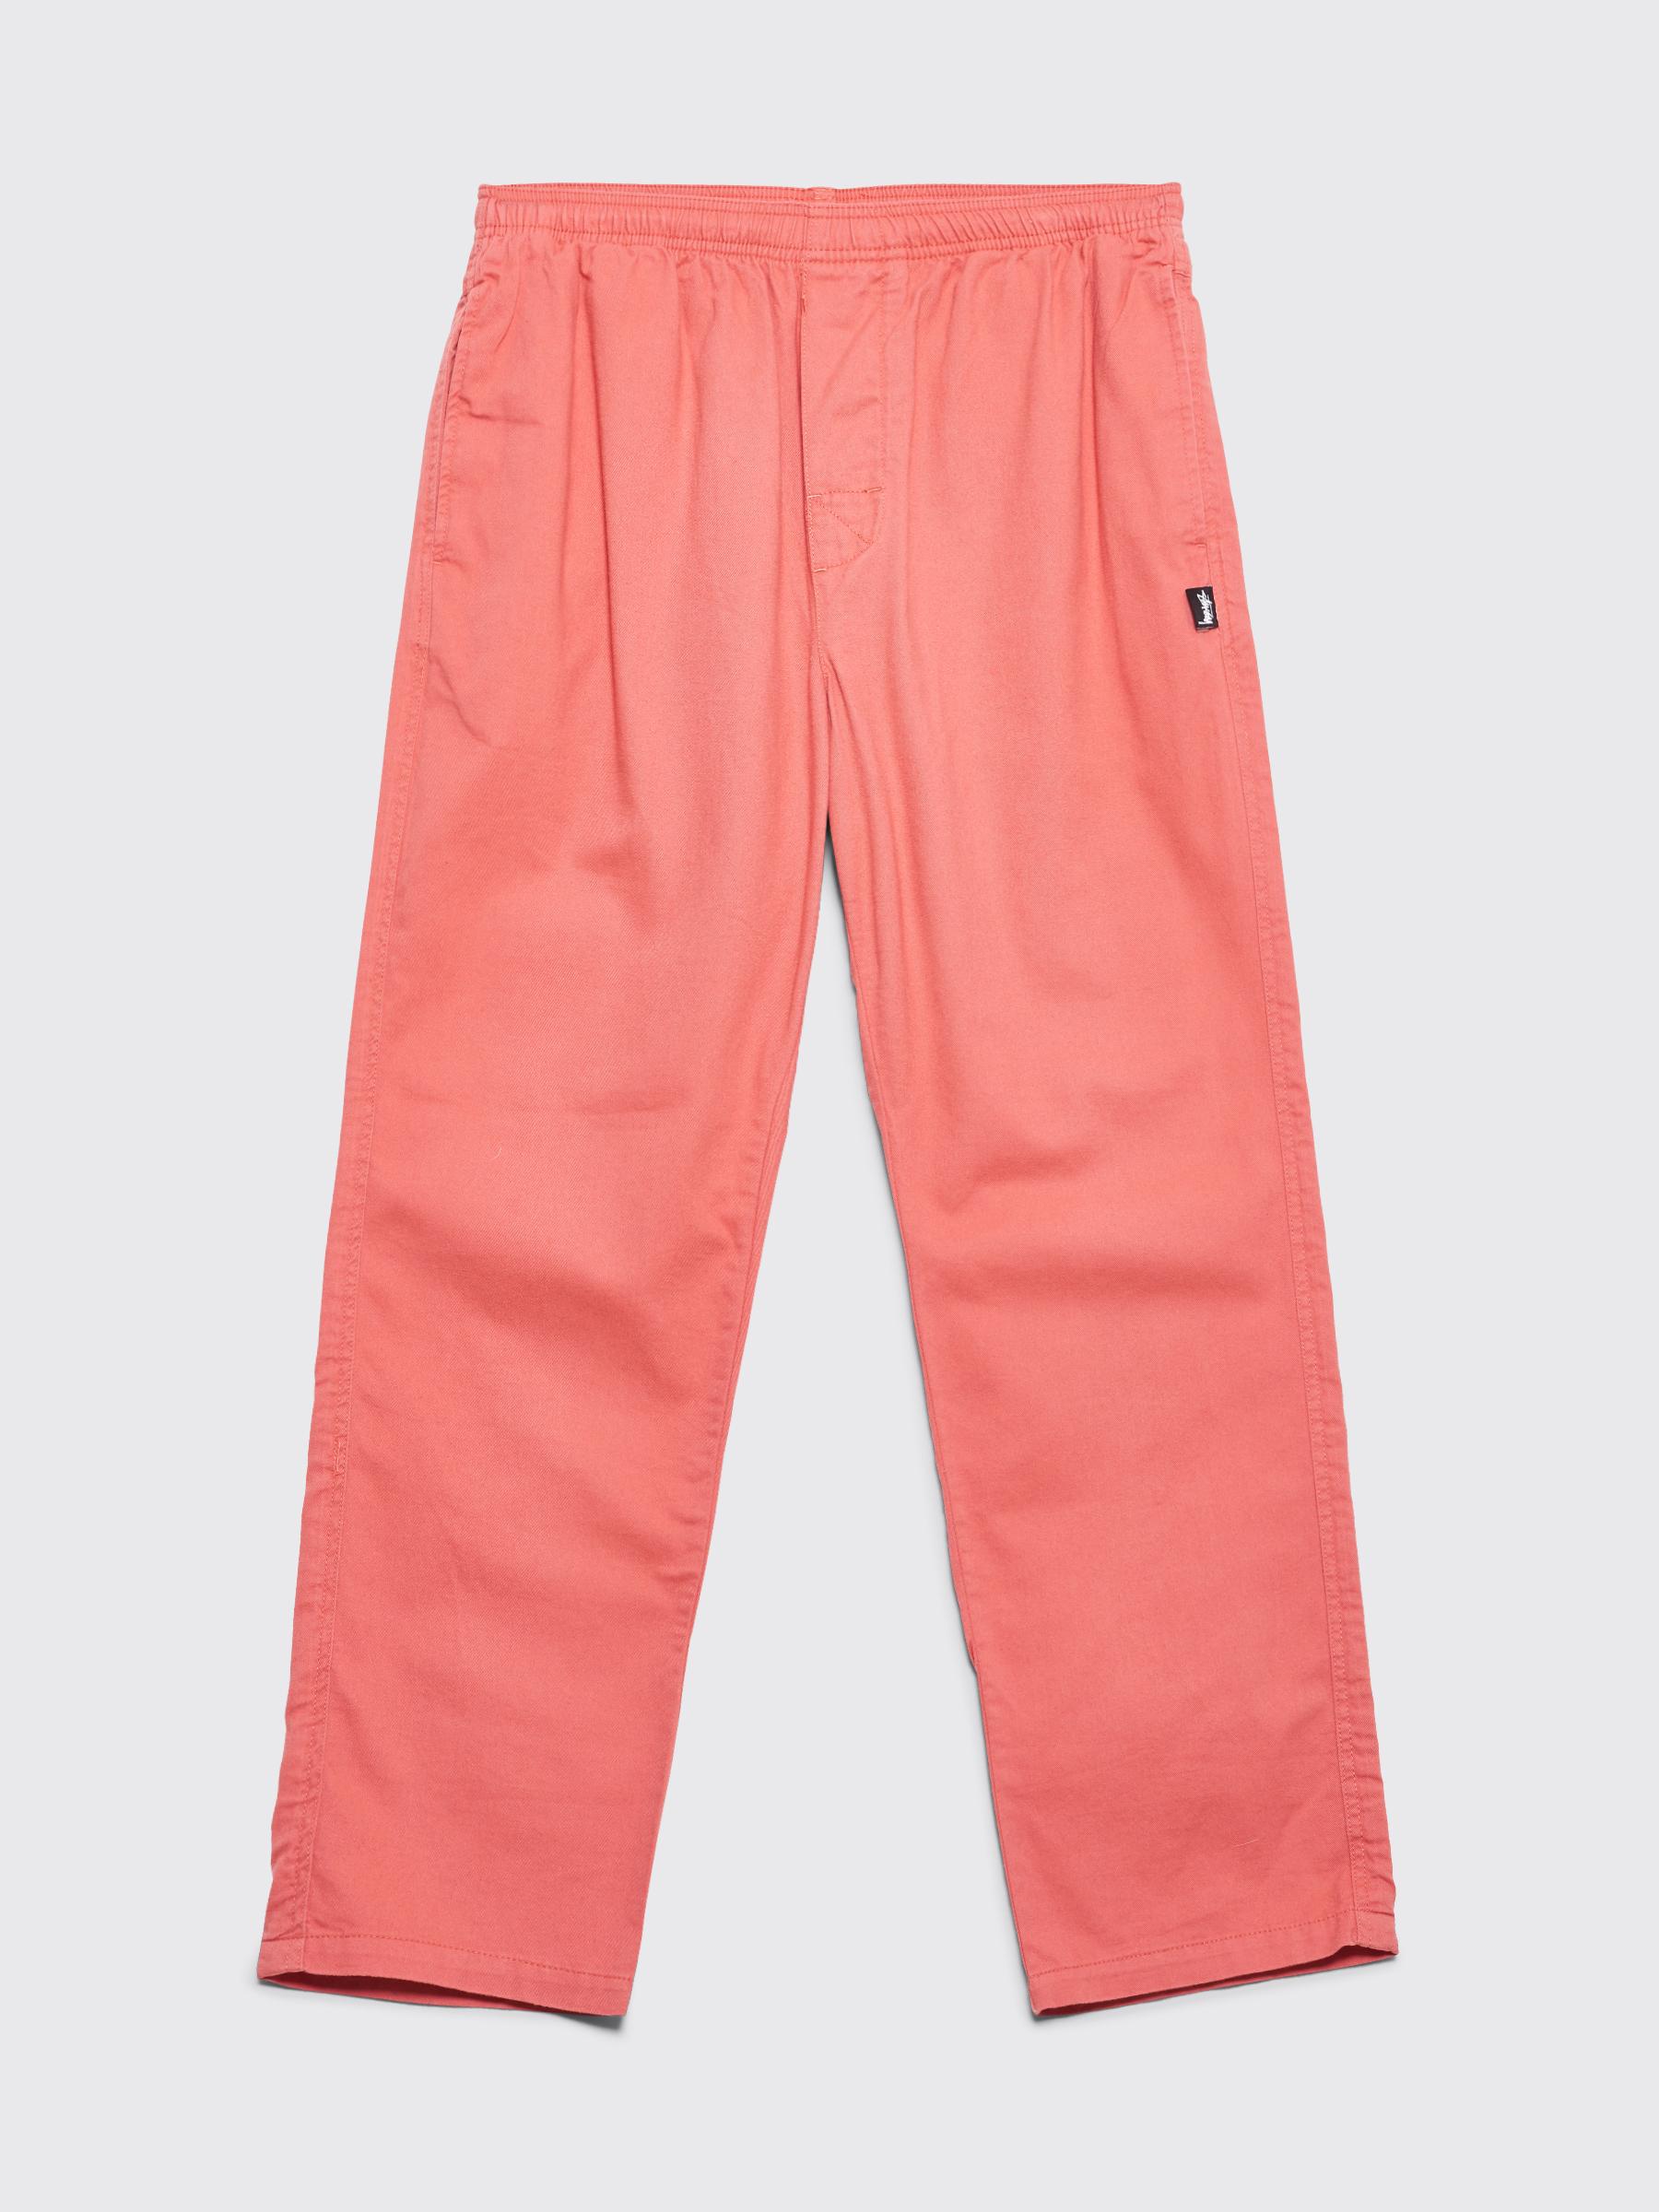 82fa0e7ee9 Très Bien - Stüssy OG Brushed Beach Pant Pink